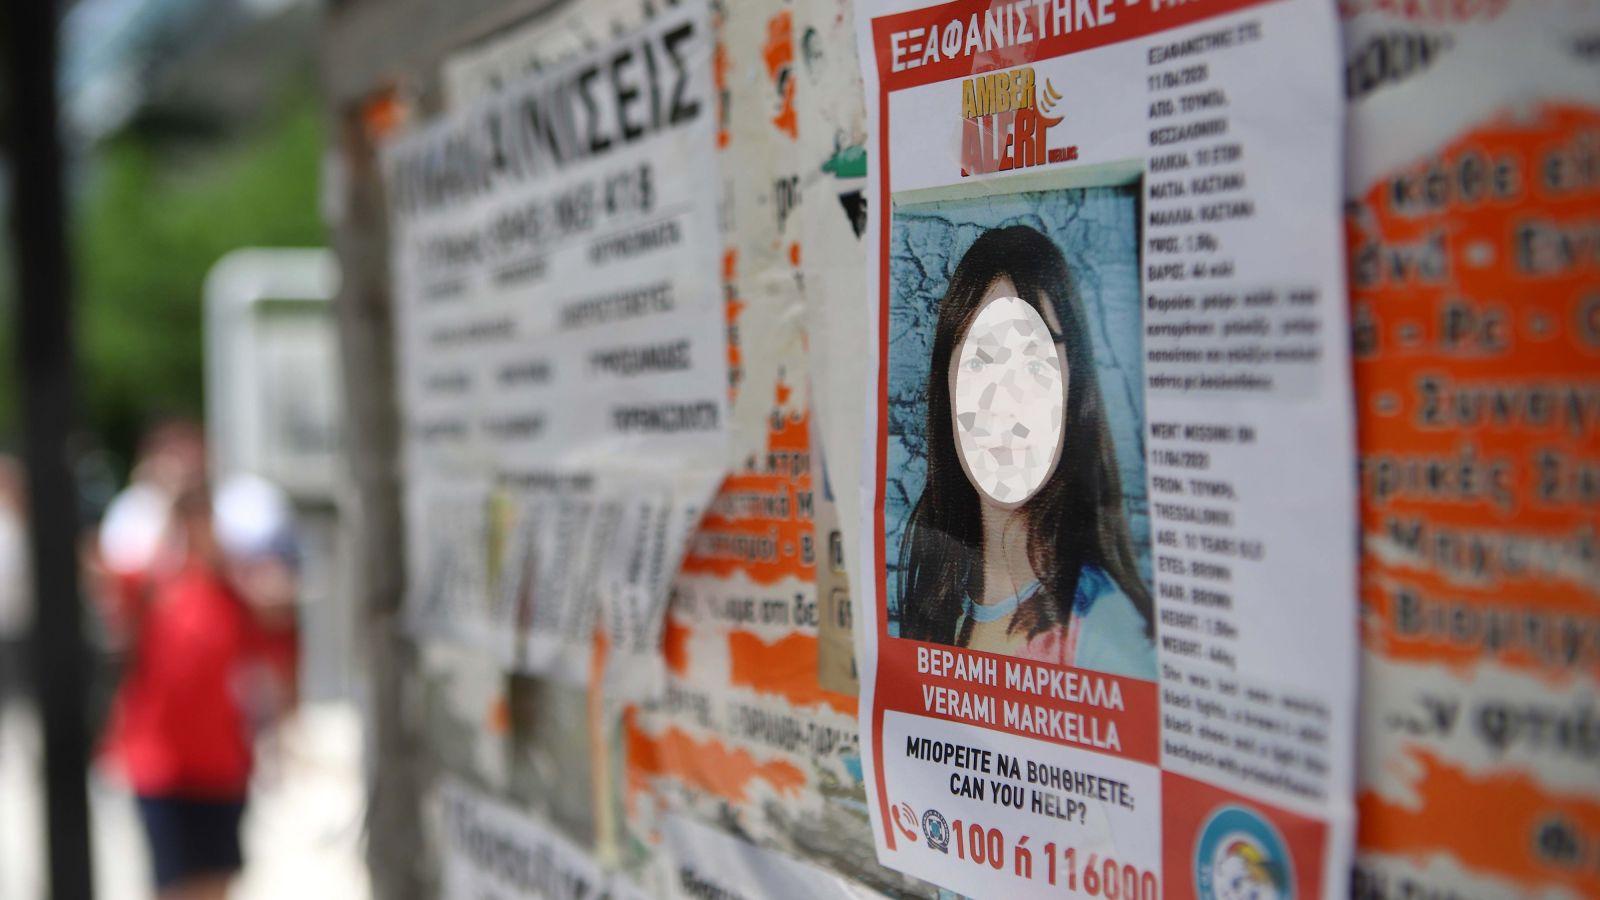 Μαρκέλλα Θεσσαλονίκη: Γιατί χορήγησαν ναρκωτικά στη 10χρονη – Τι λέει η ιατροδικαστής